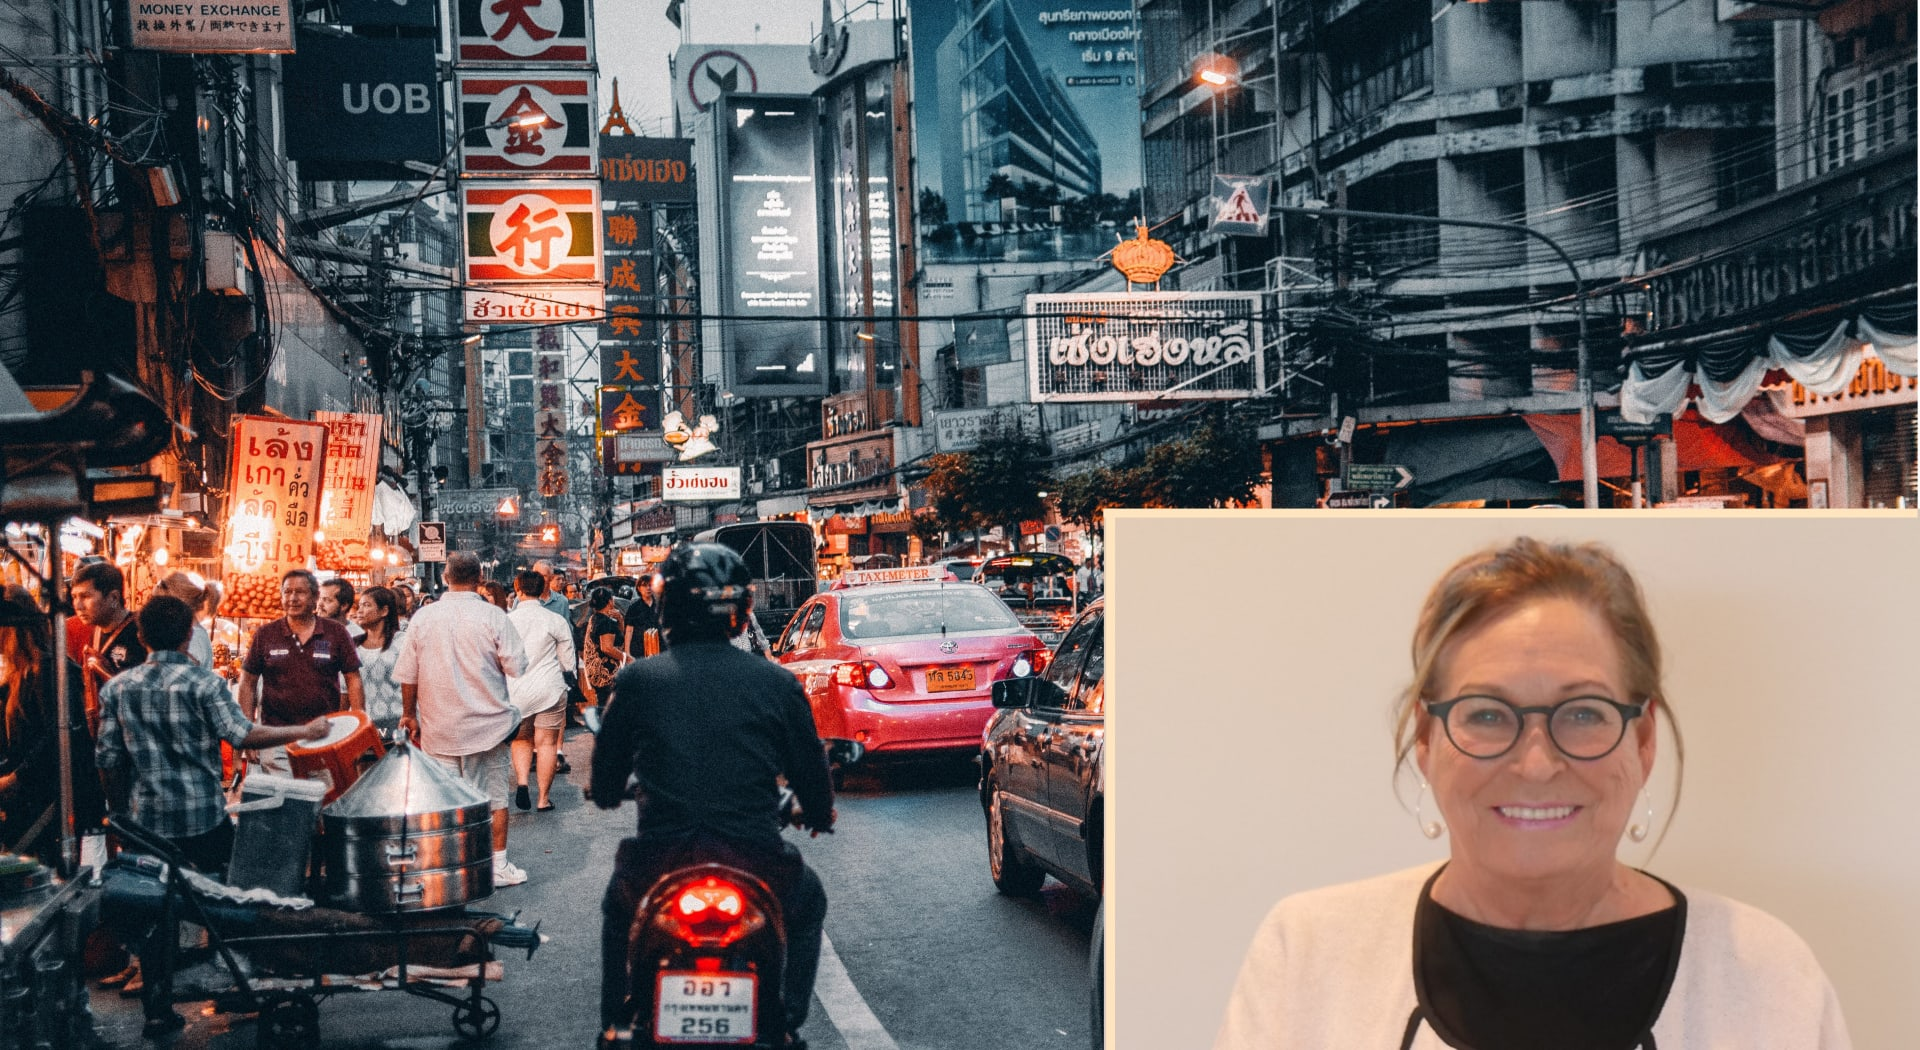 Mann ble skadet etter trafikkulykke i Thailand, og fikk erstatning med hjelp fra advokat Anne Grethe Kjelland.